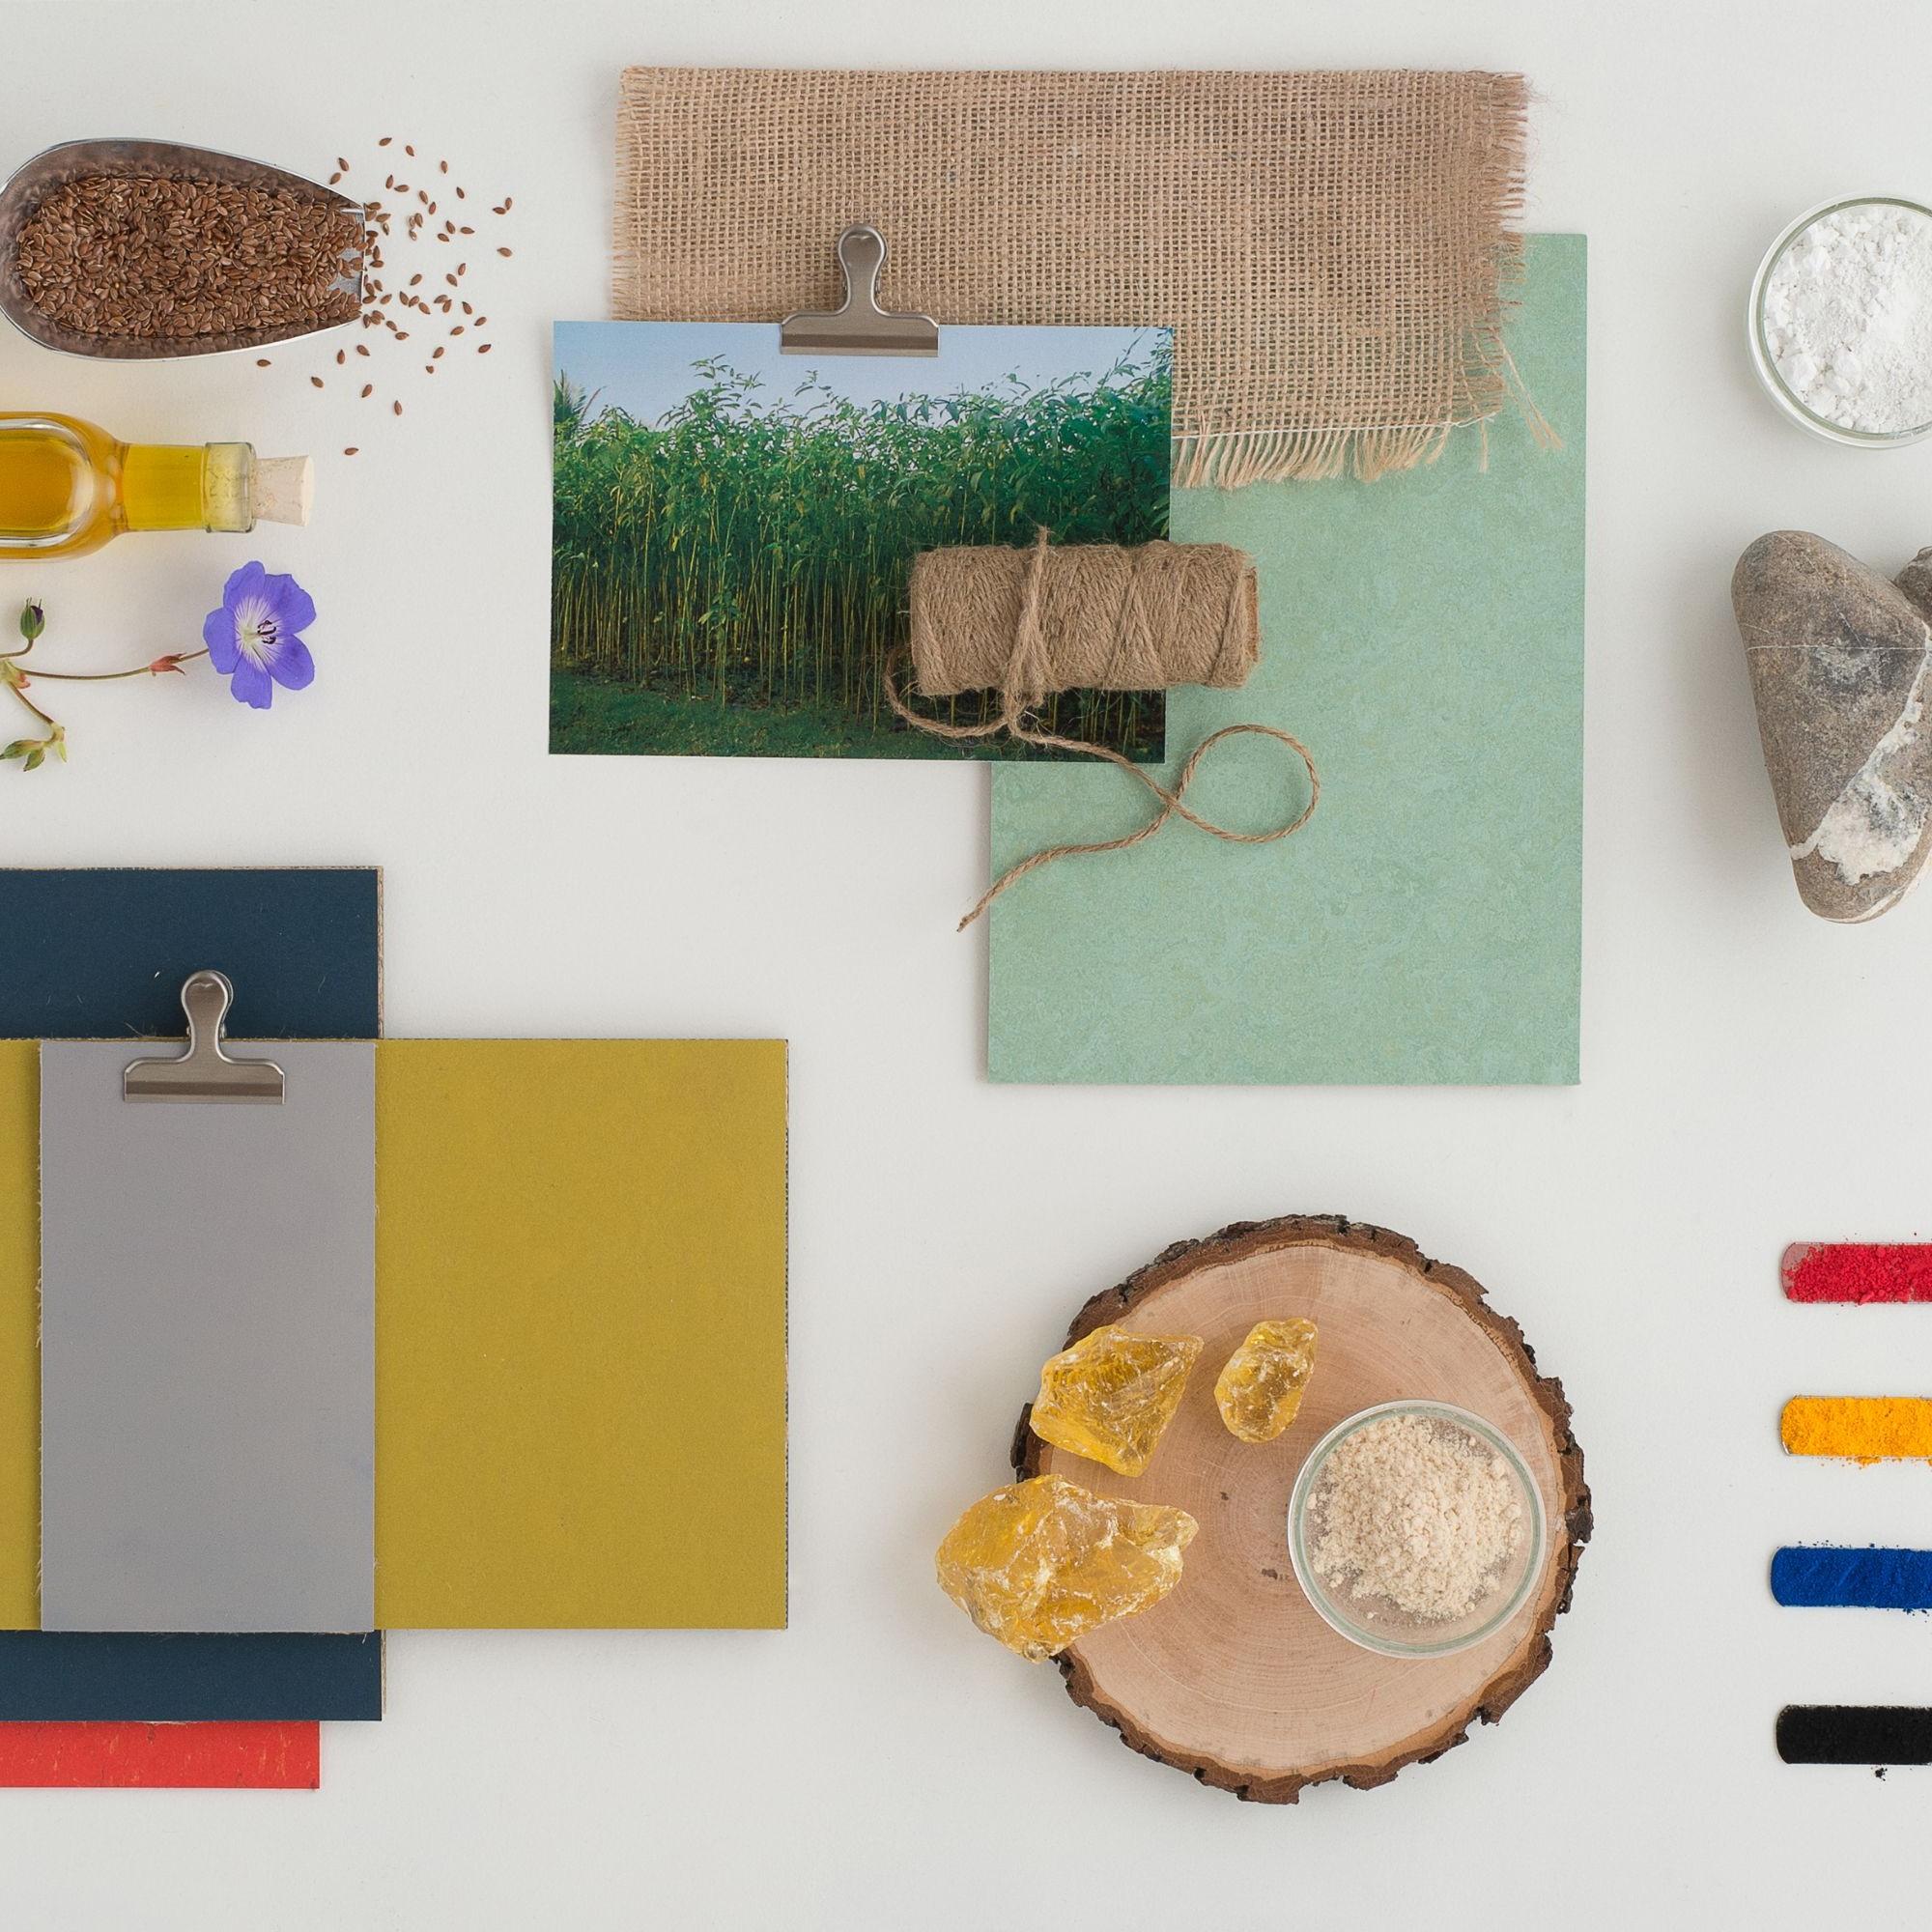 Wie vor über 100 Jahren sind die Ausgangsmaterialien für Linoleum fast unverändert geblieben:  Leinöl,  Holz- und Kalksteinmehl, Jute, Naturharze, mineralische Füllstoffe und Farbpigmente.